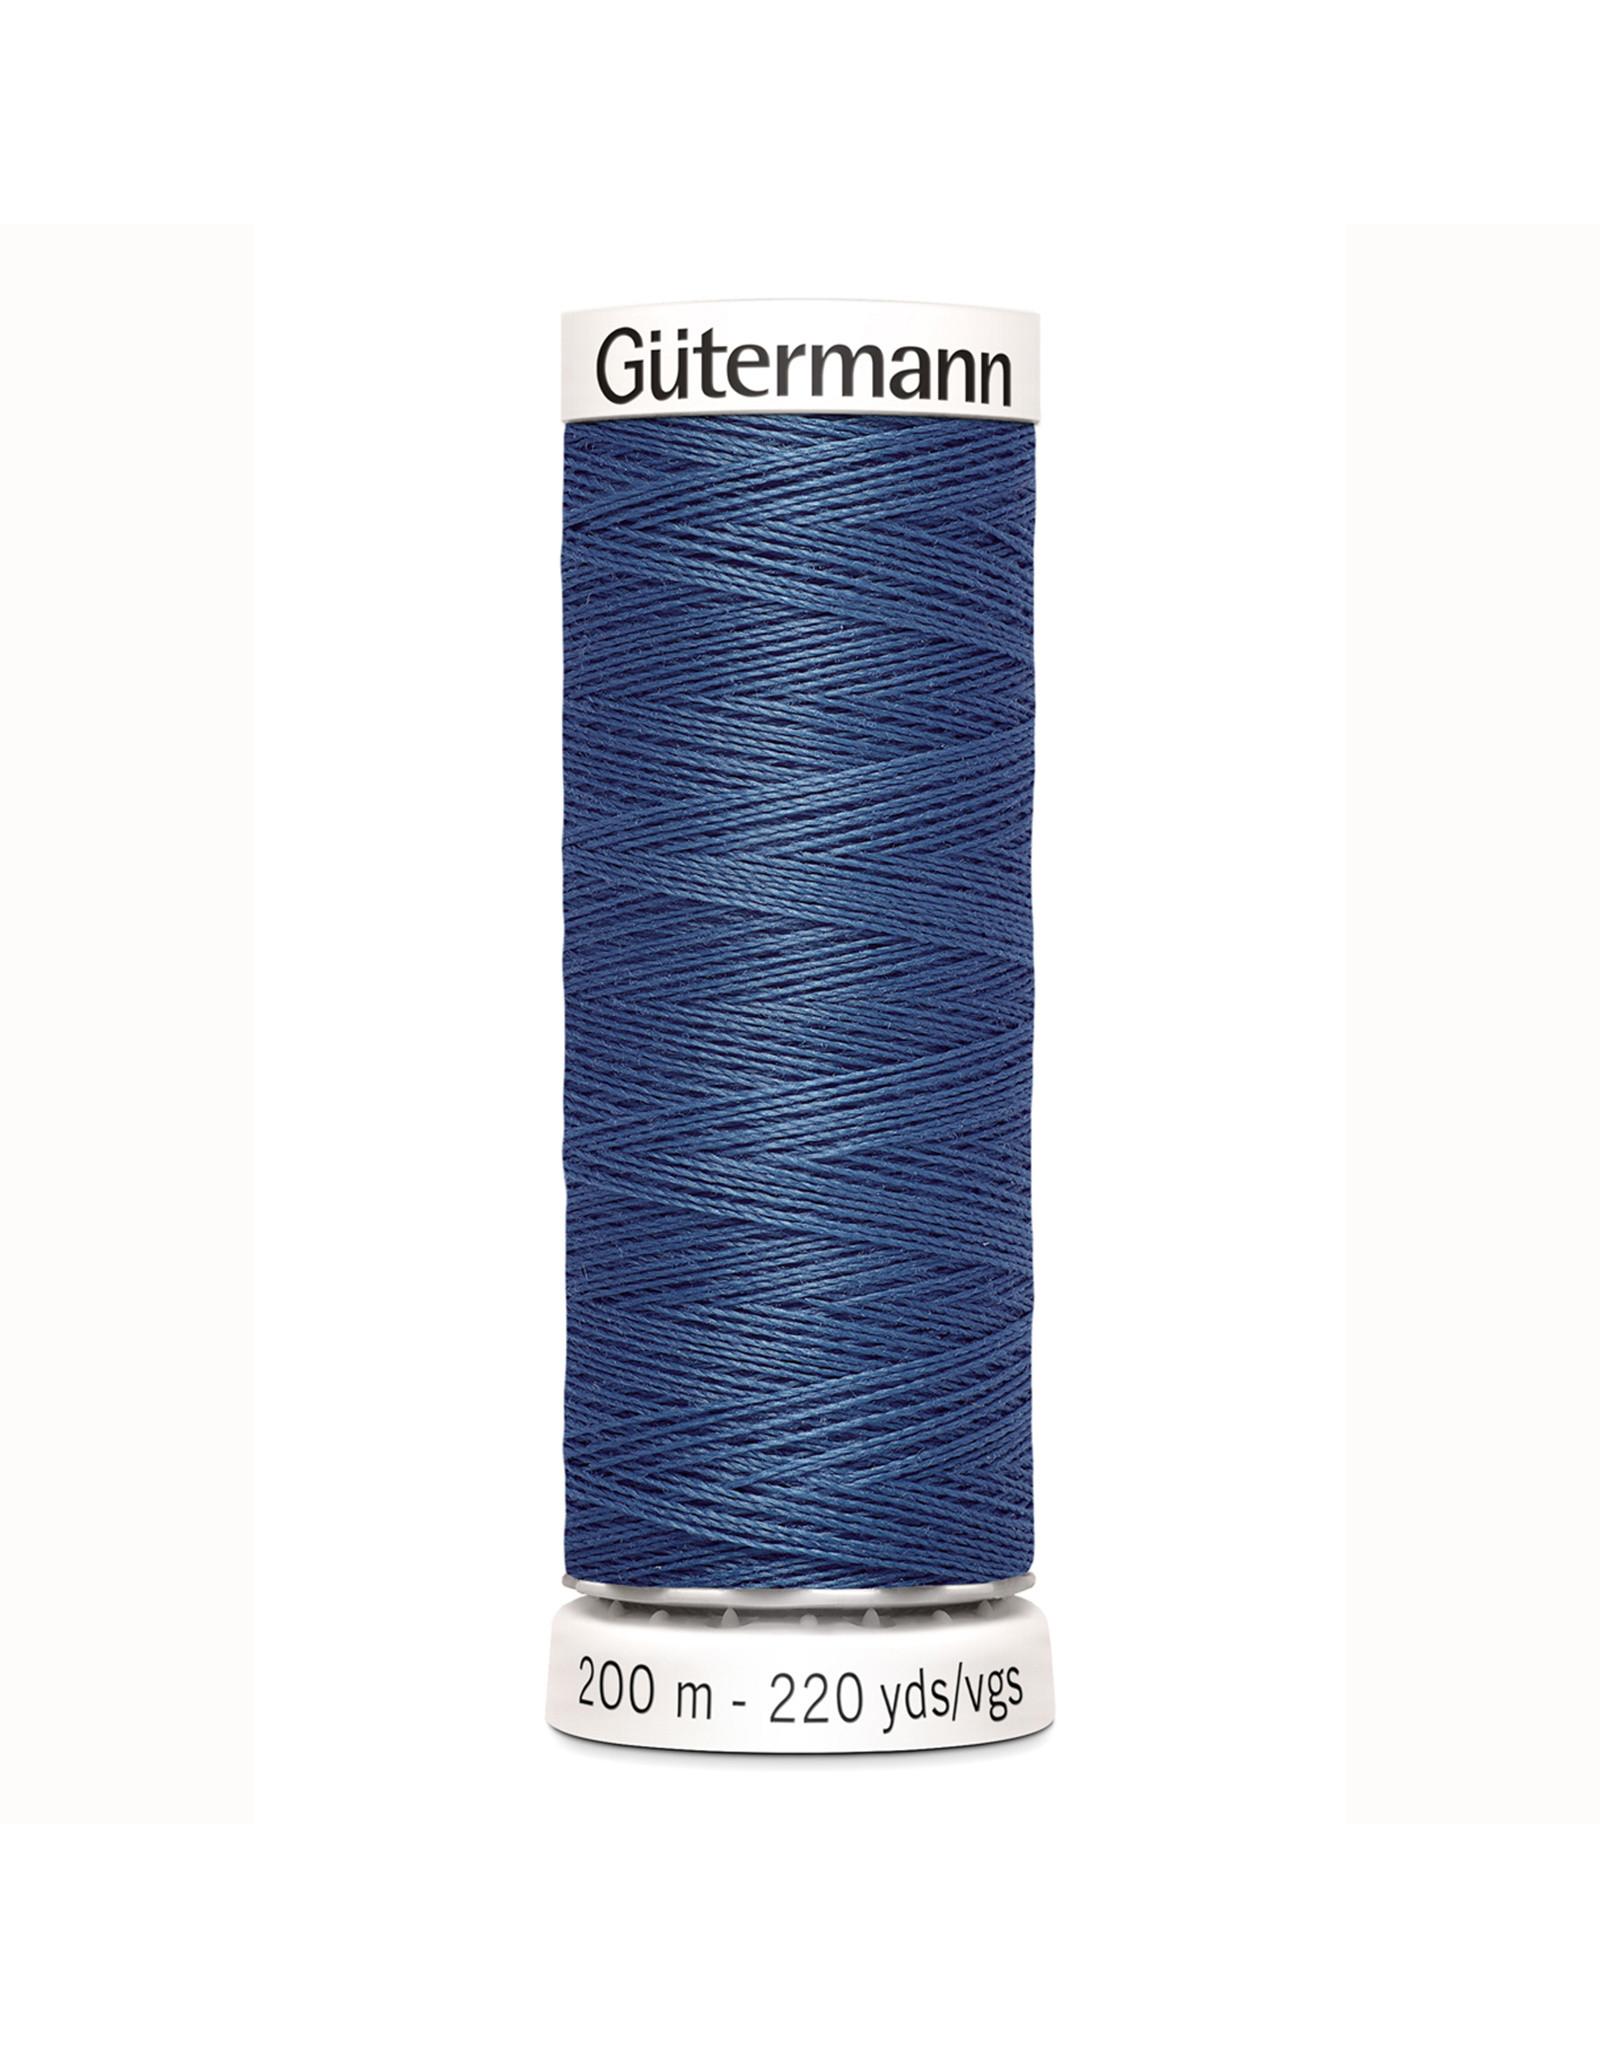 Gütermann Gütermann Nähgarn 200 m - nr 435